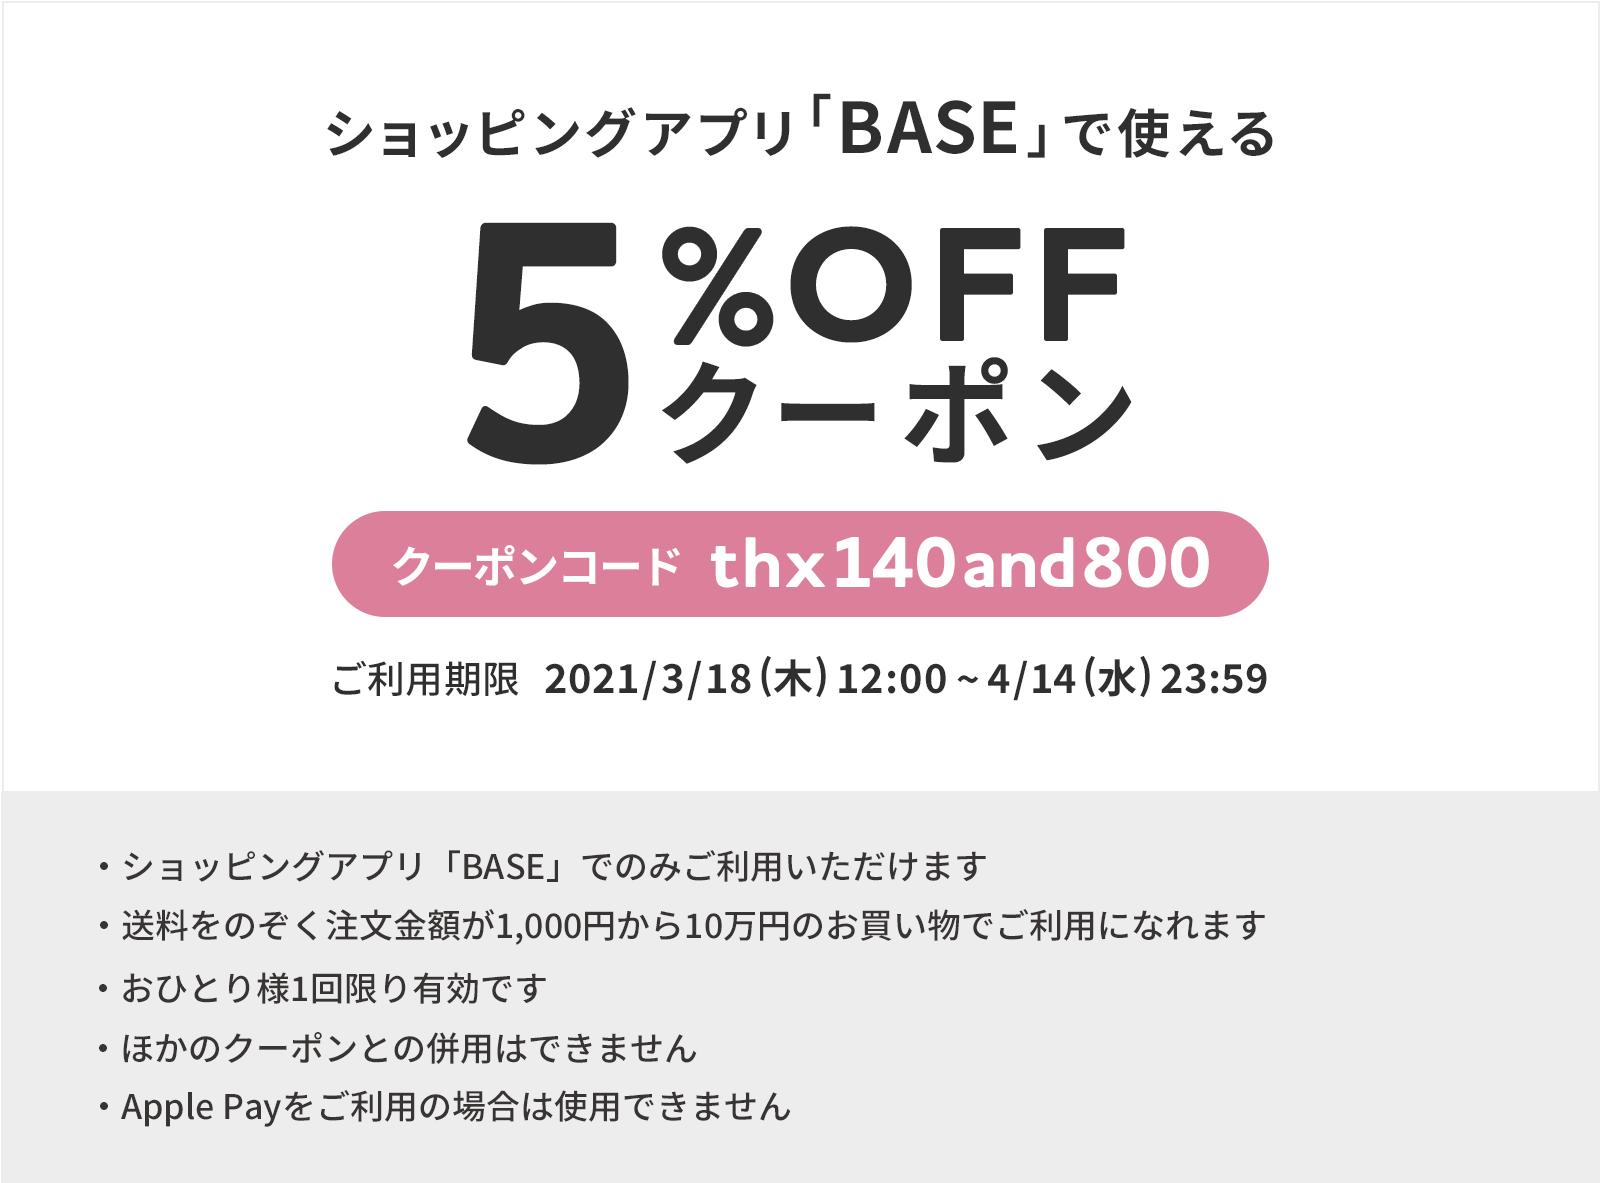 2021/03/19【 期間限定 】5%OFFクーポンをプレゼント!